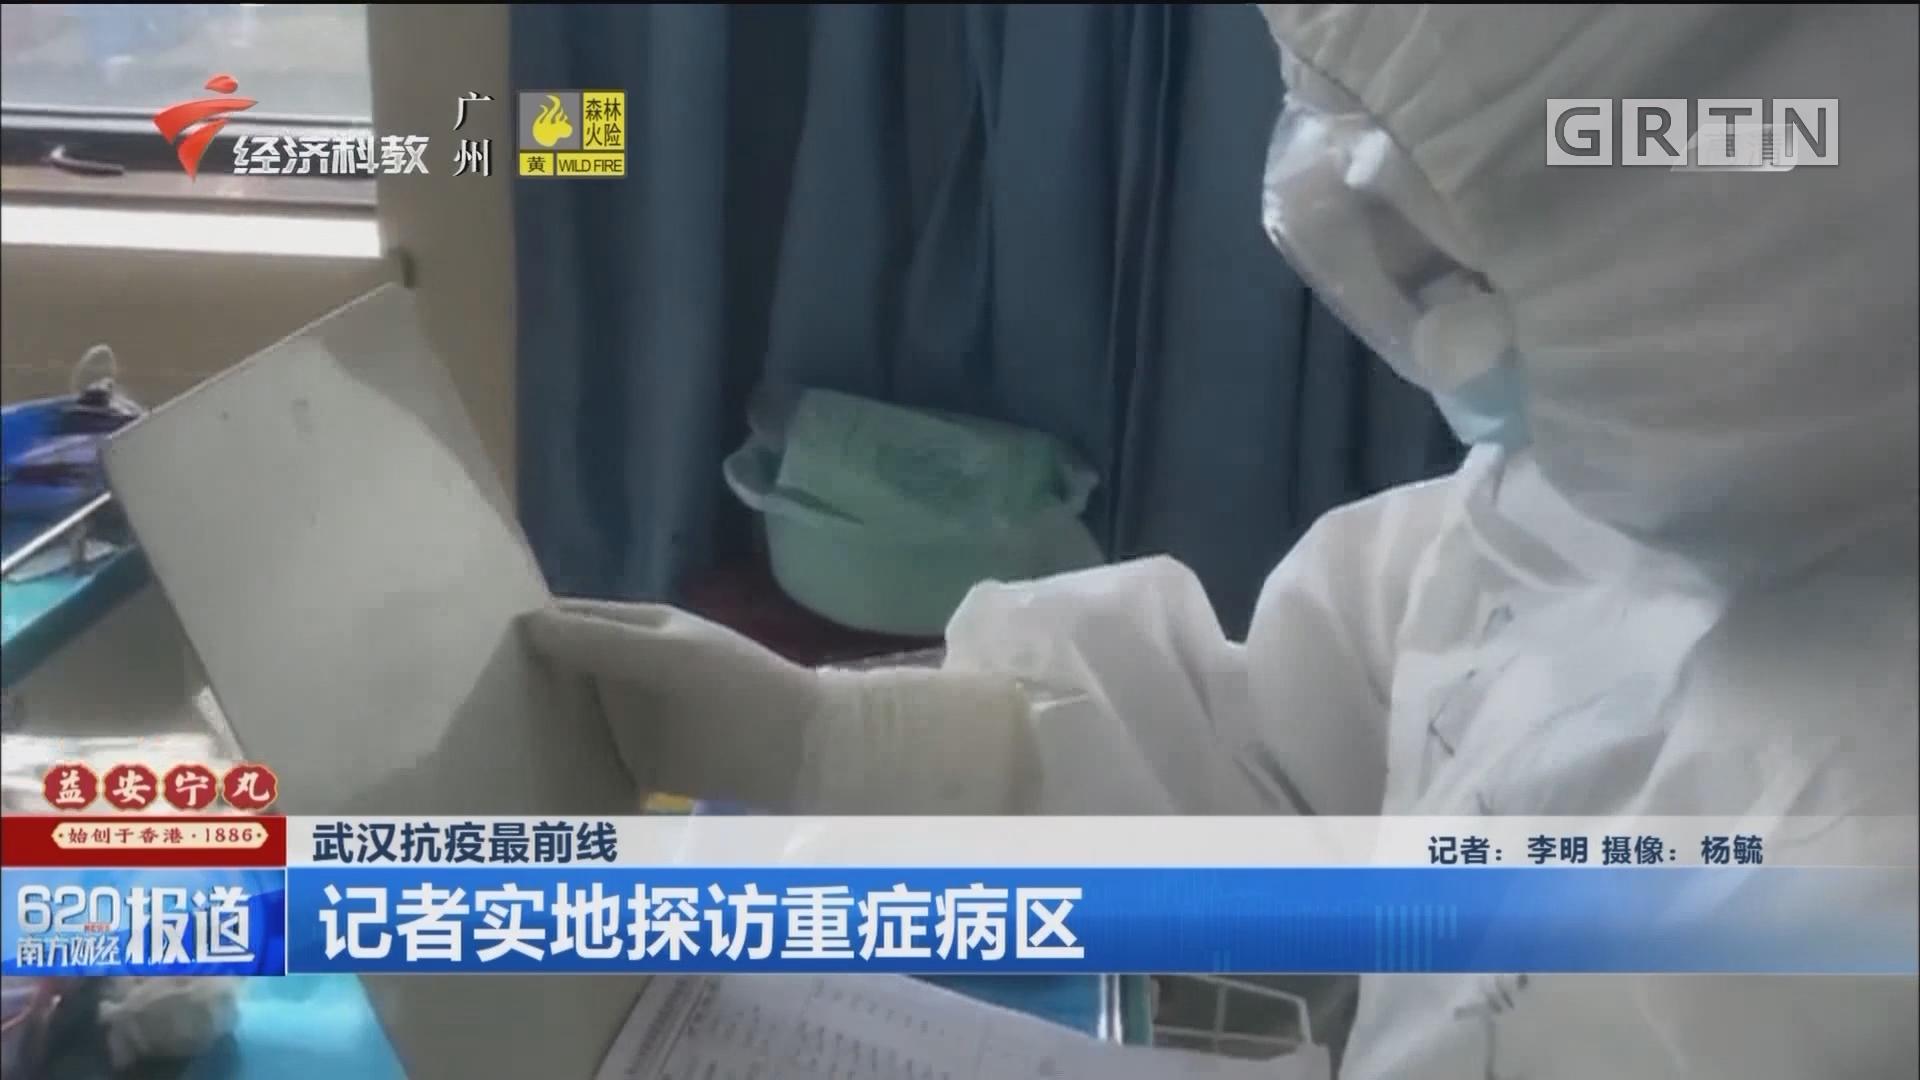 武汉抗疫最前线 记者实地探访重症病区